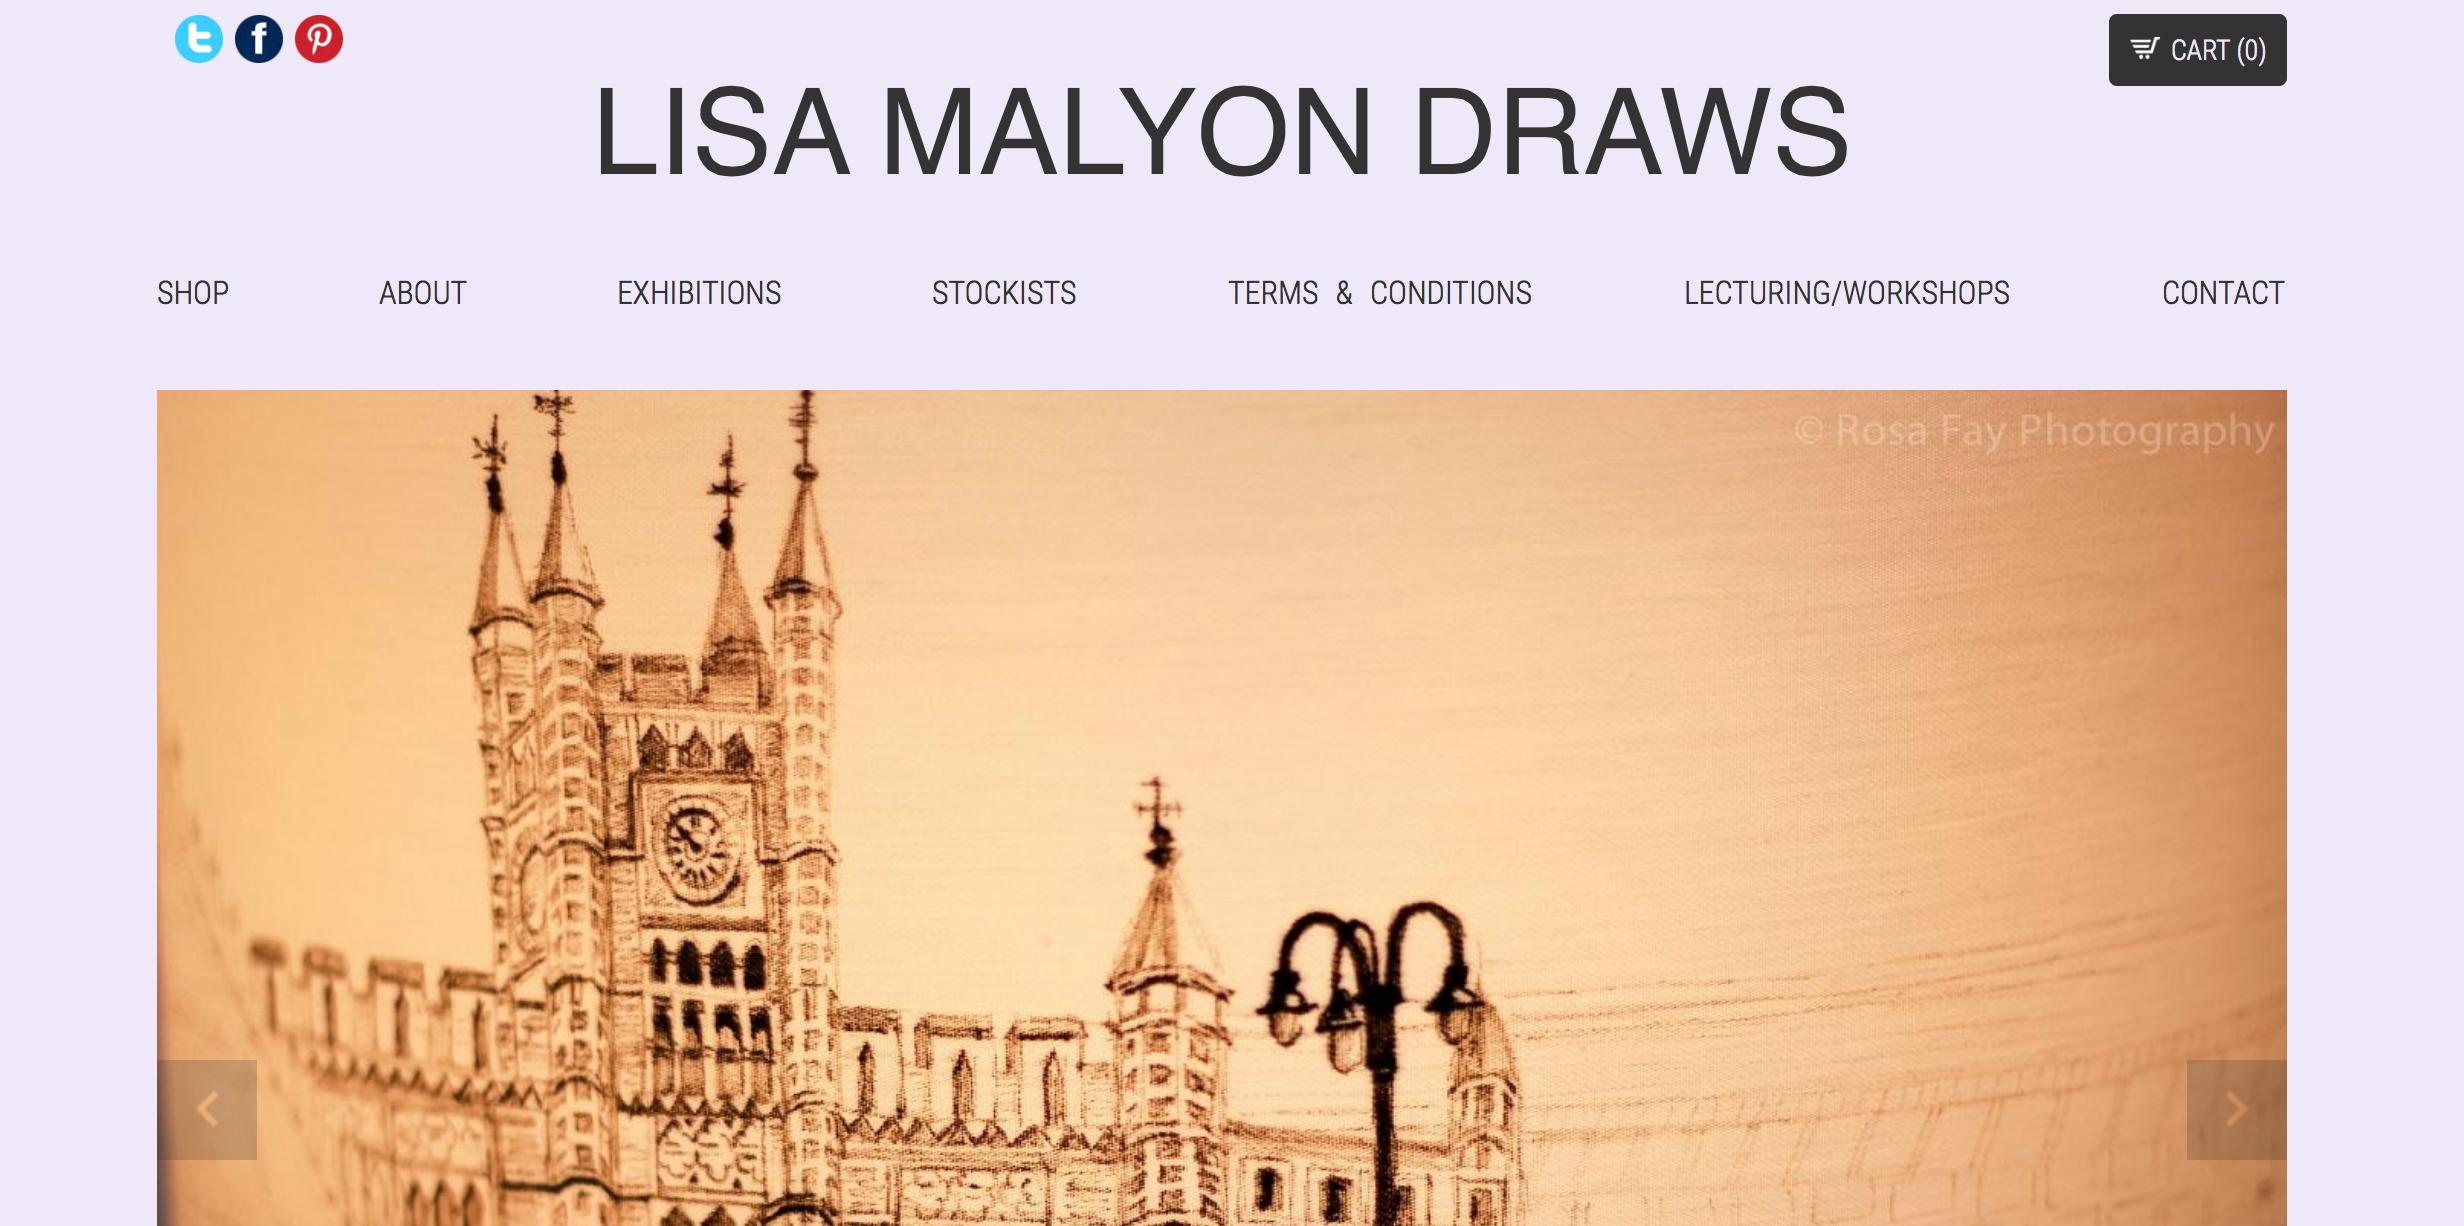 Lisa Malyon